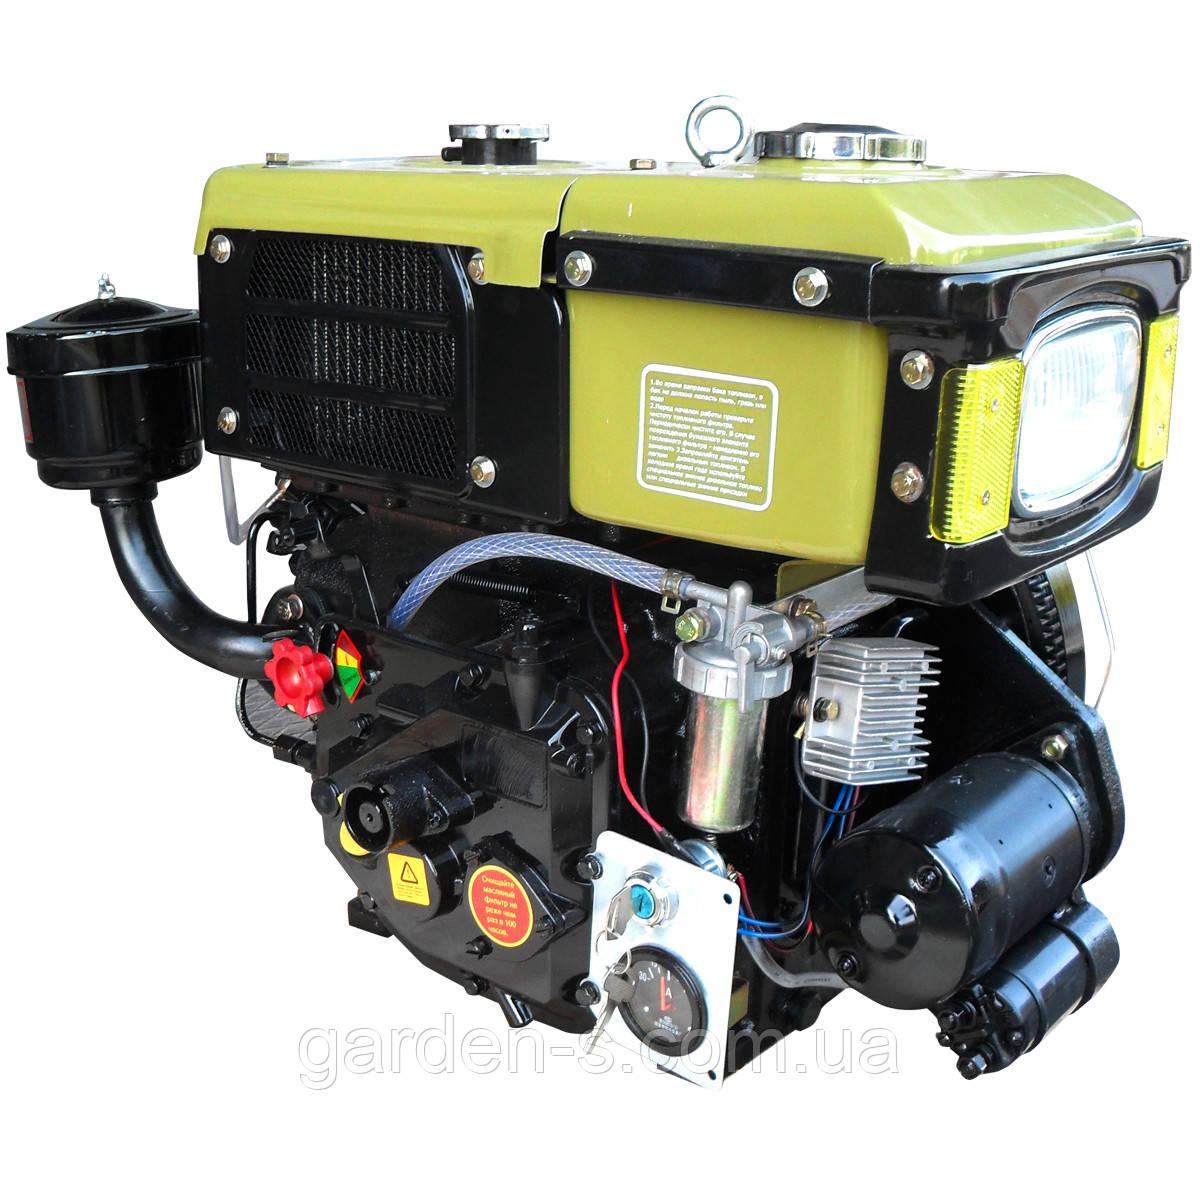 Дизельный двигатель Кентавр ДД180В 8 лс